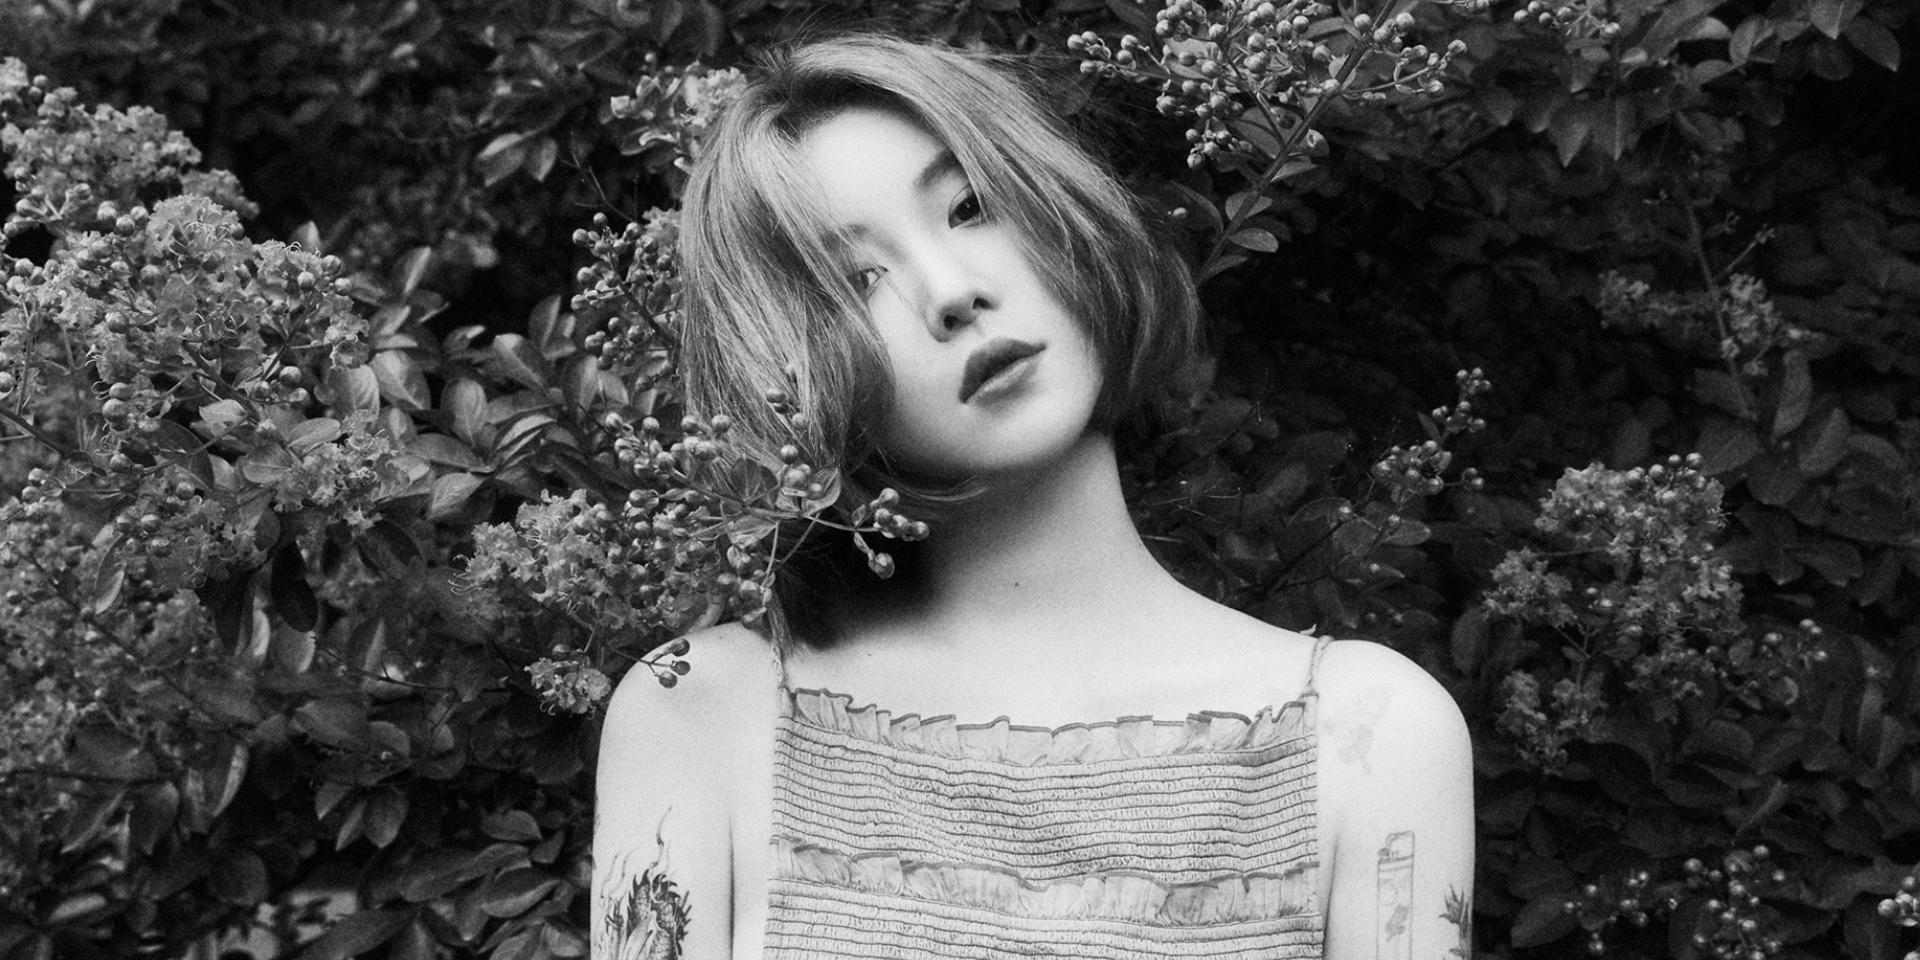 Yerin Baek releases new covers album 'Love, Yerin' – listen